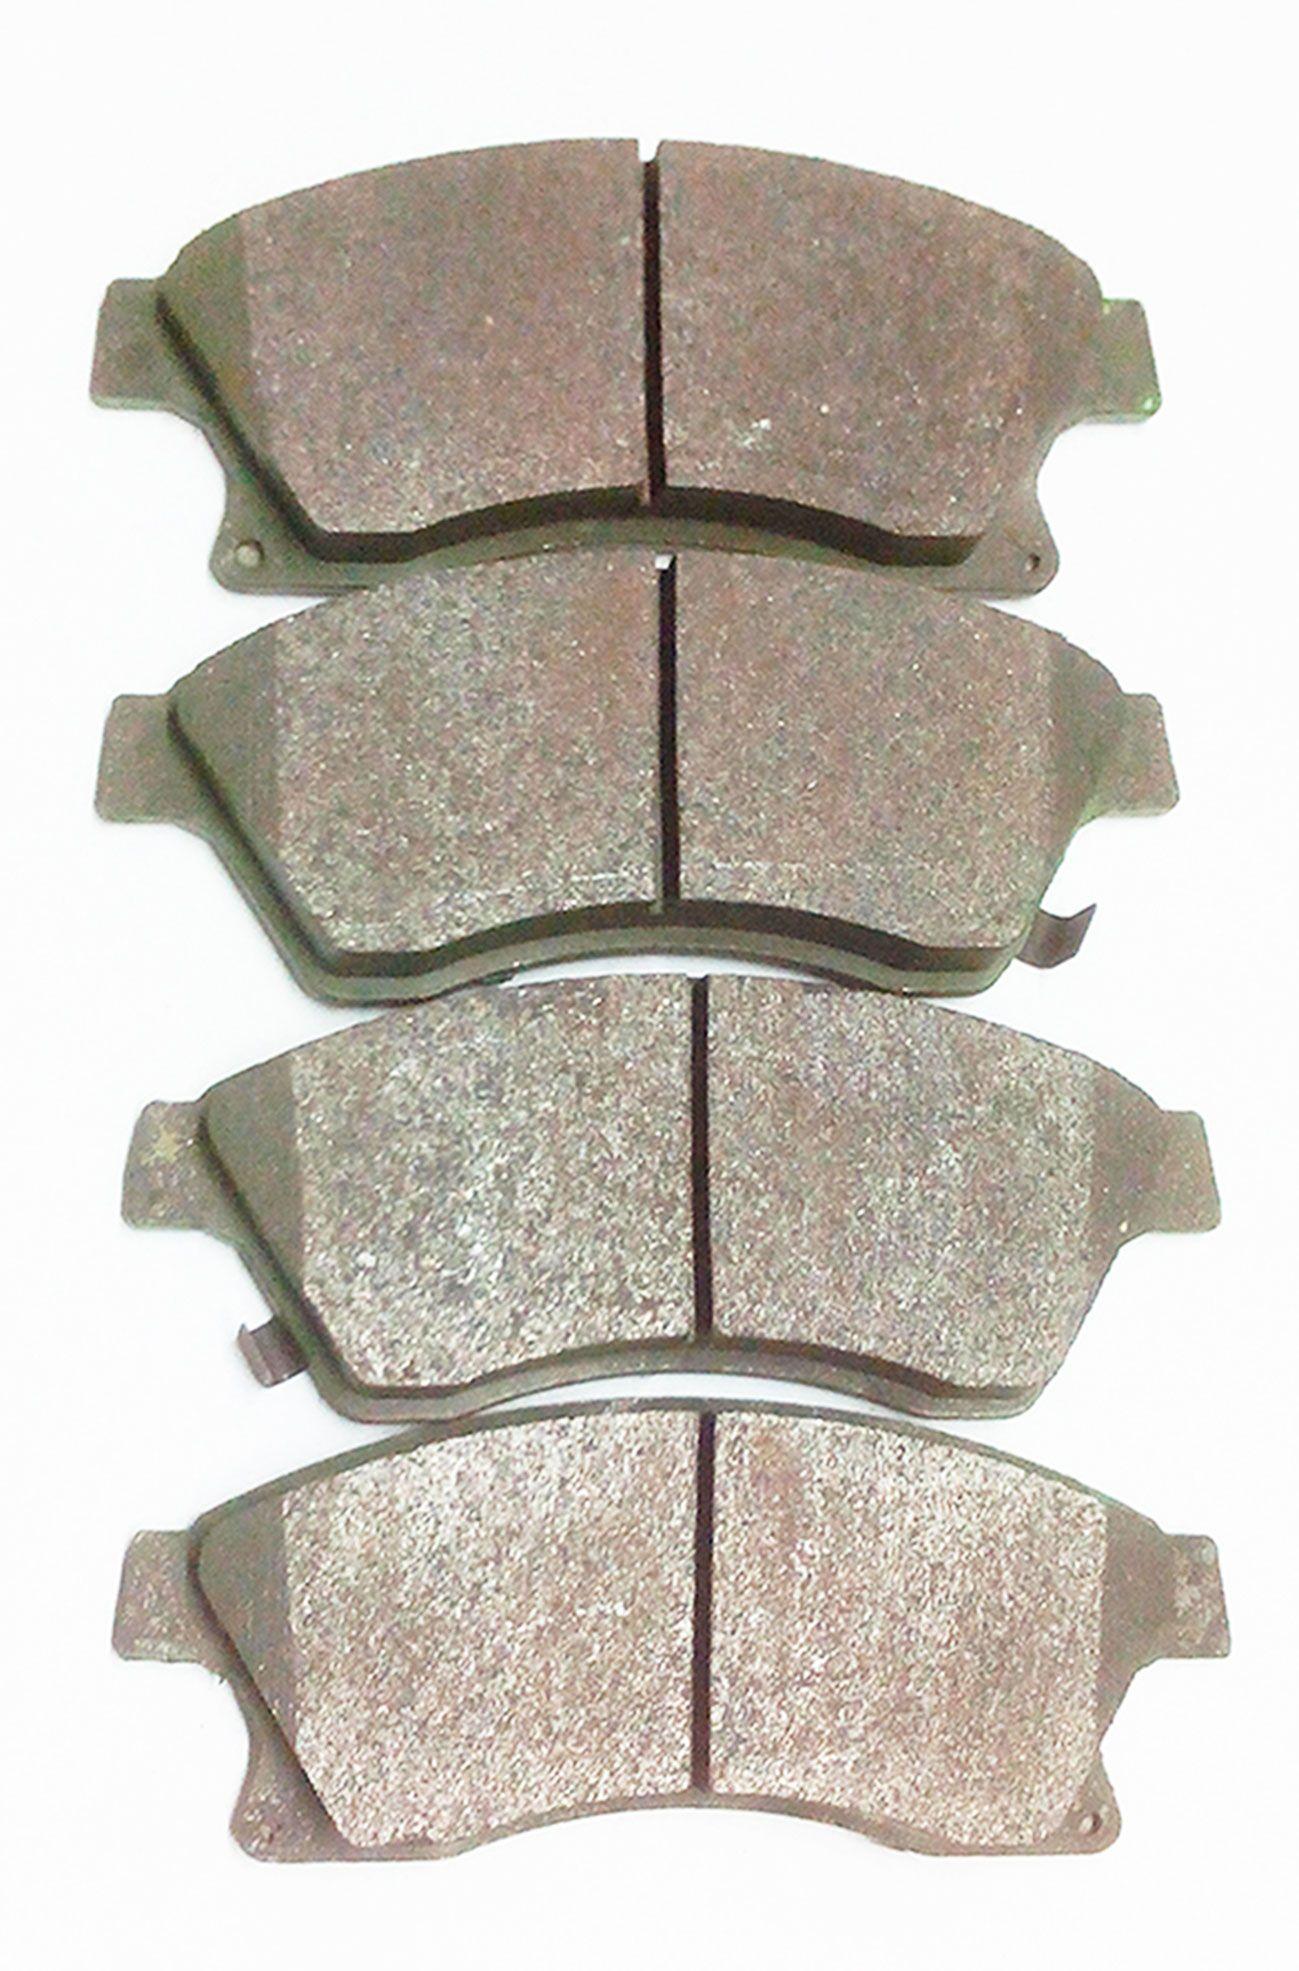 Brake pad-TATA SAFARI DICOR 2.2 (FRONT)